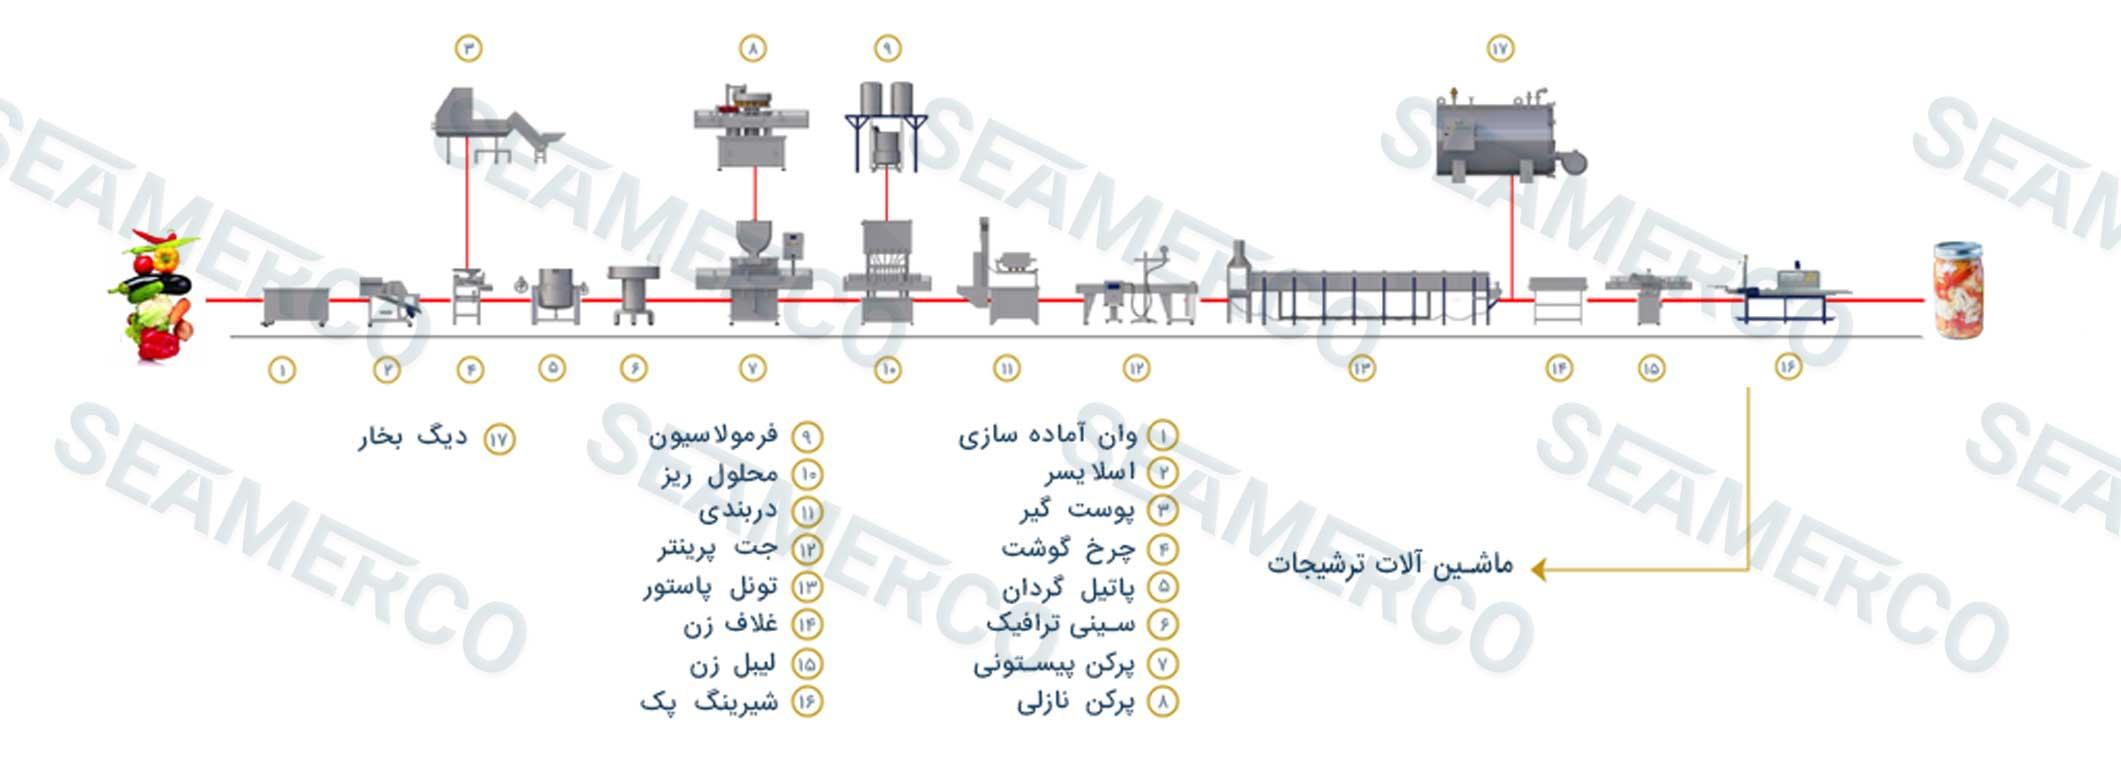 جانمایی ماشینآلات (لیوت)خط تولید ترشی مخلوط